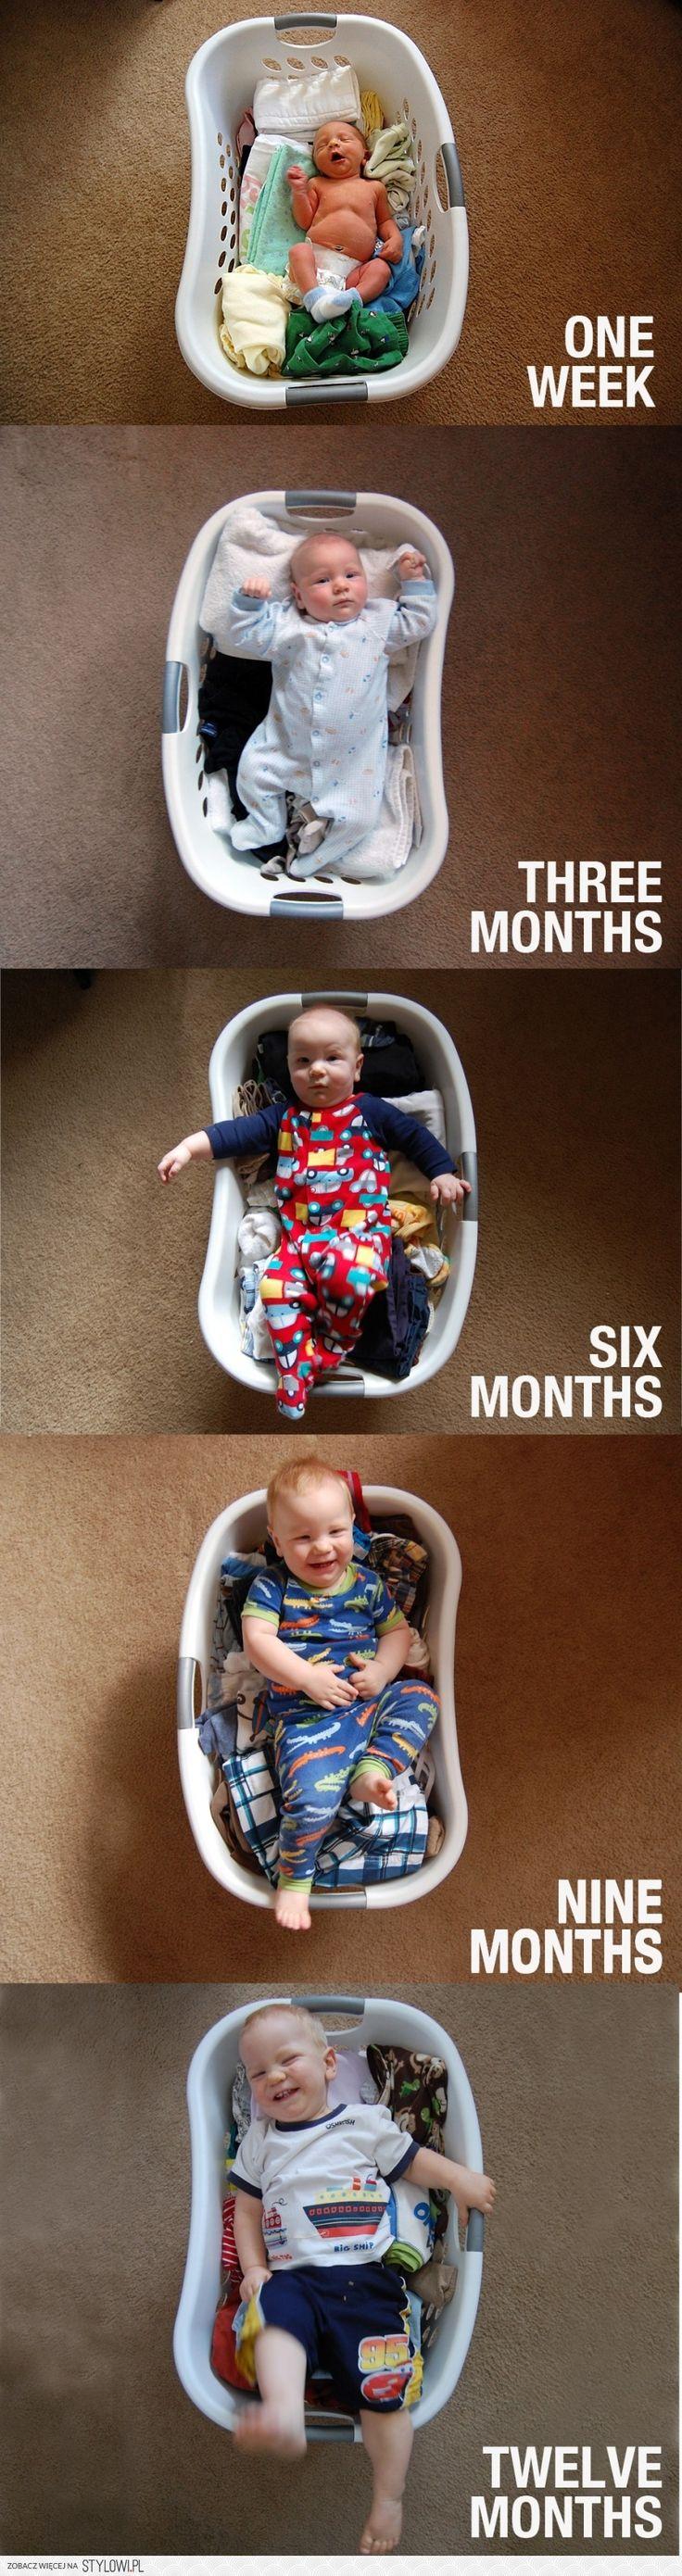 So schnell sieht man, dass die Kleinen groß werden :) #foto #kinder #ideen